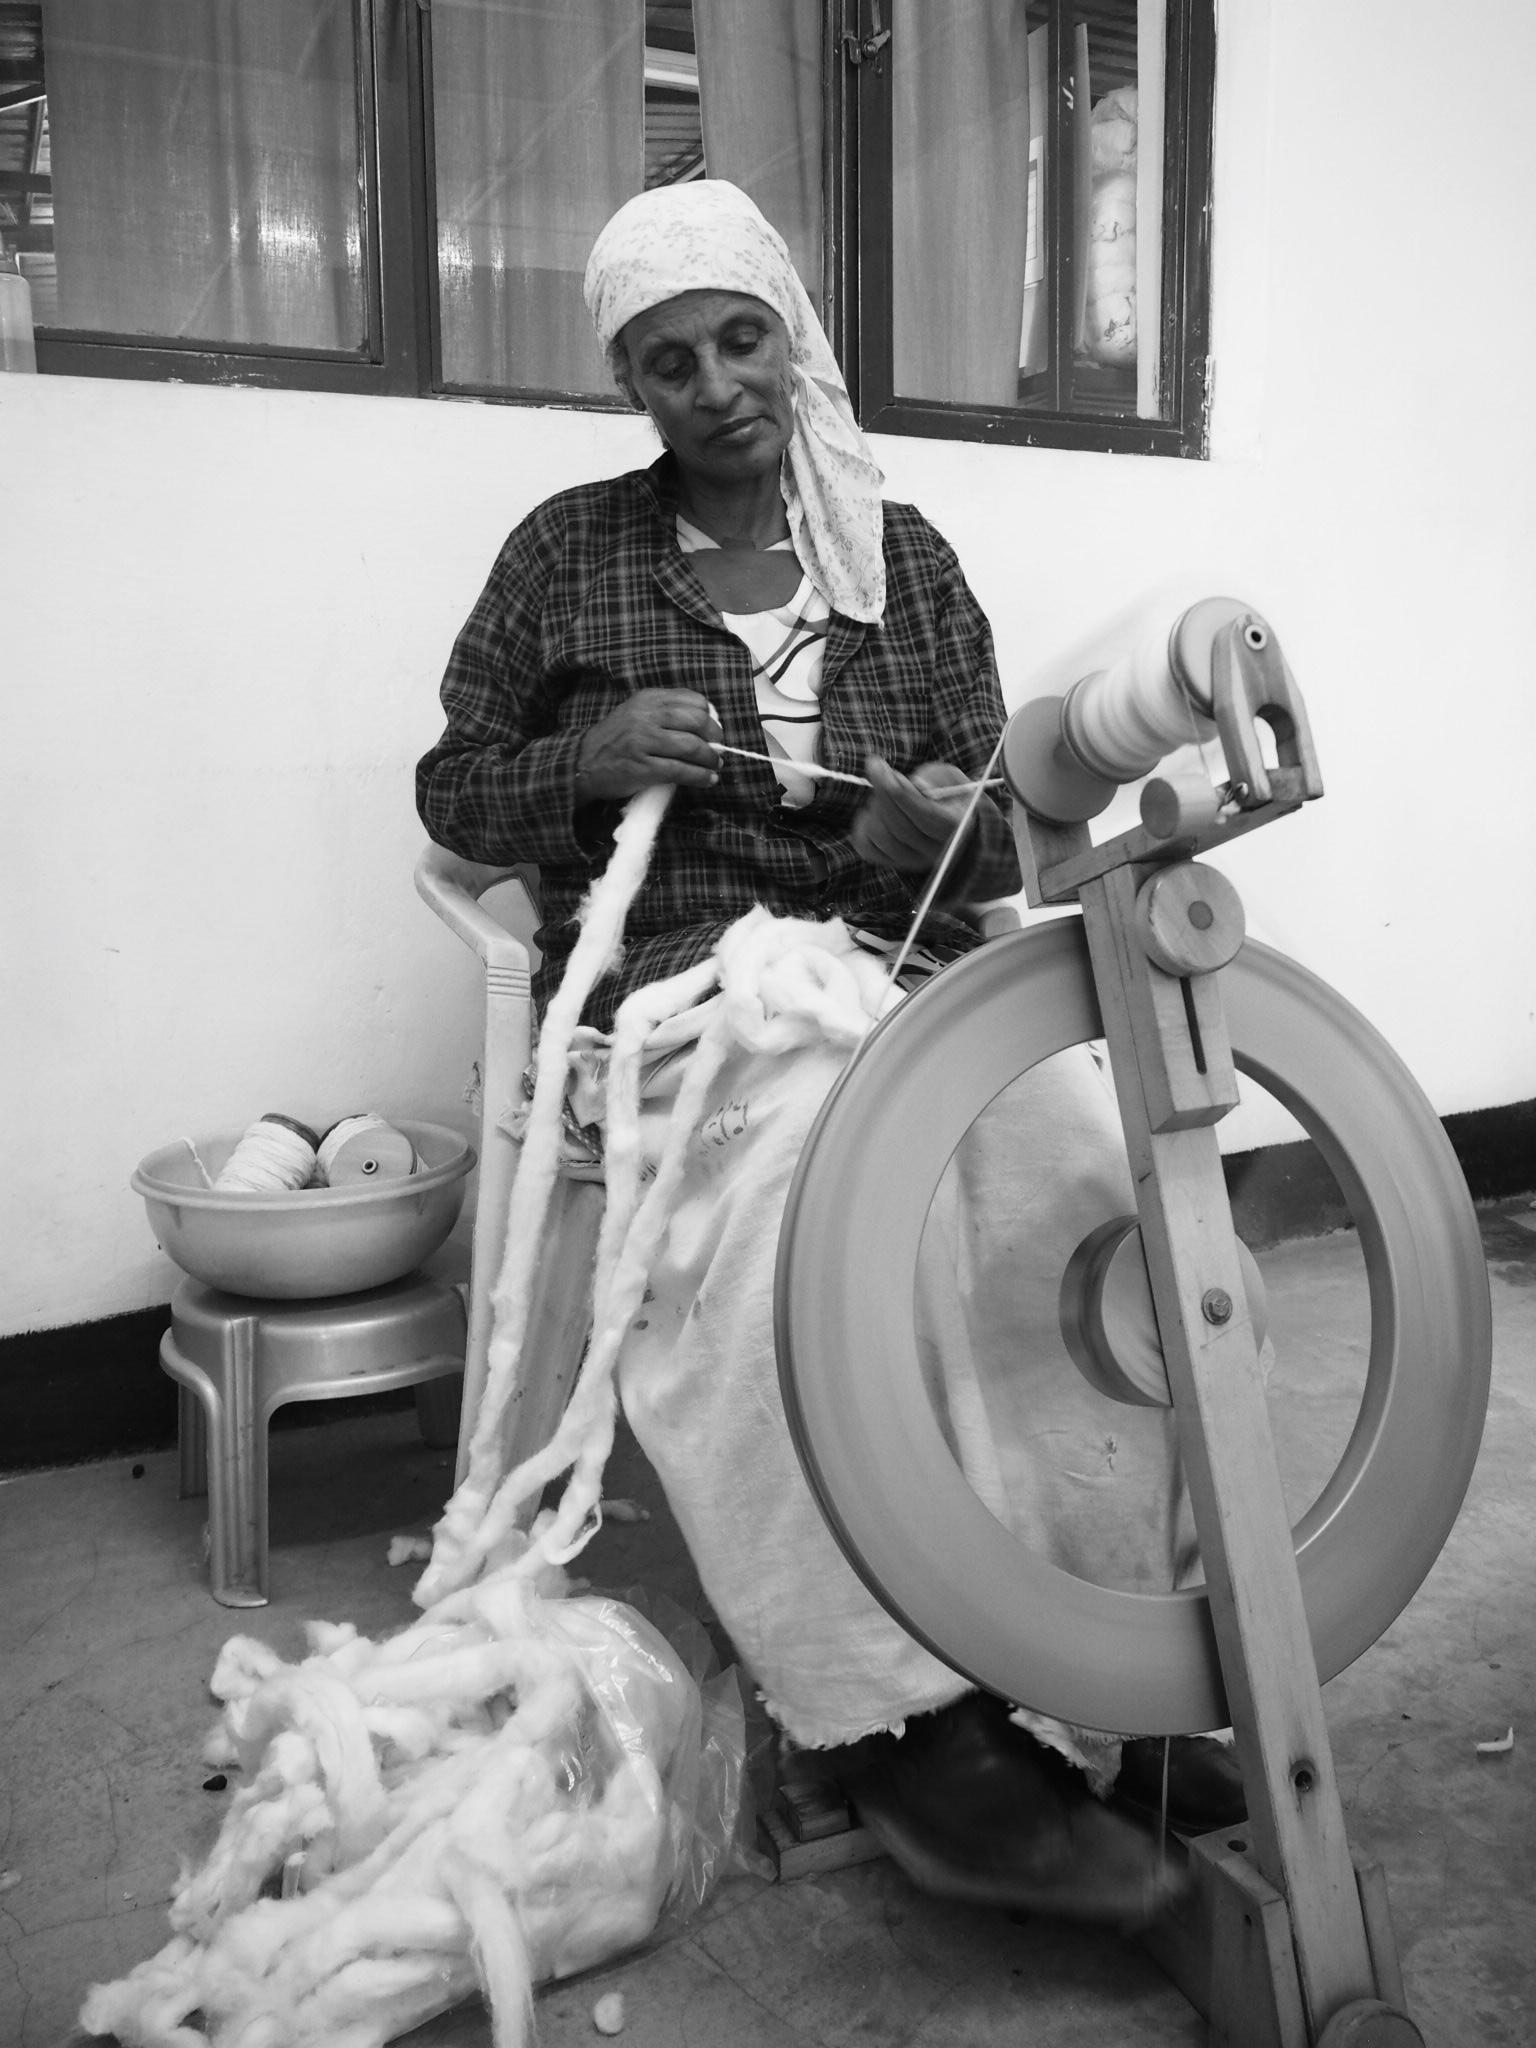 Sera Helsinki Artisan Towel Making